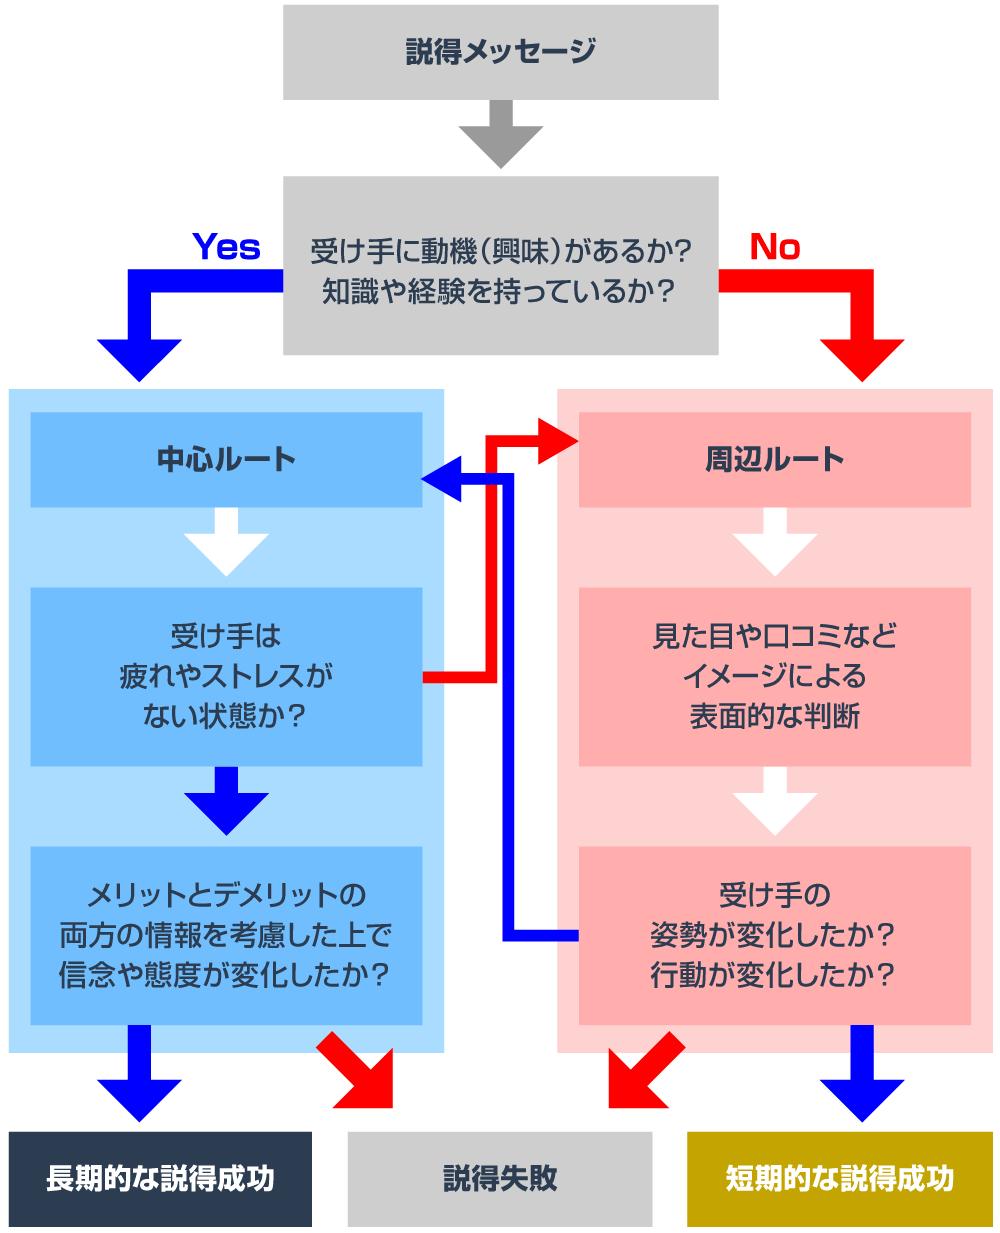 精緻化見込みモデル(ELM)のイメージ図